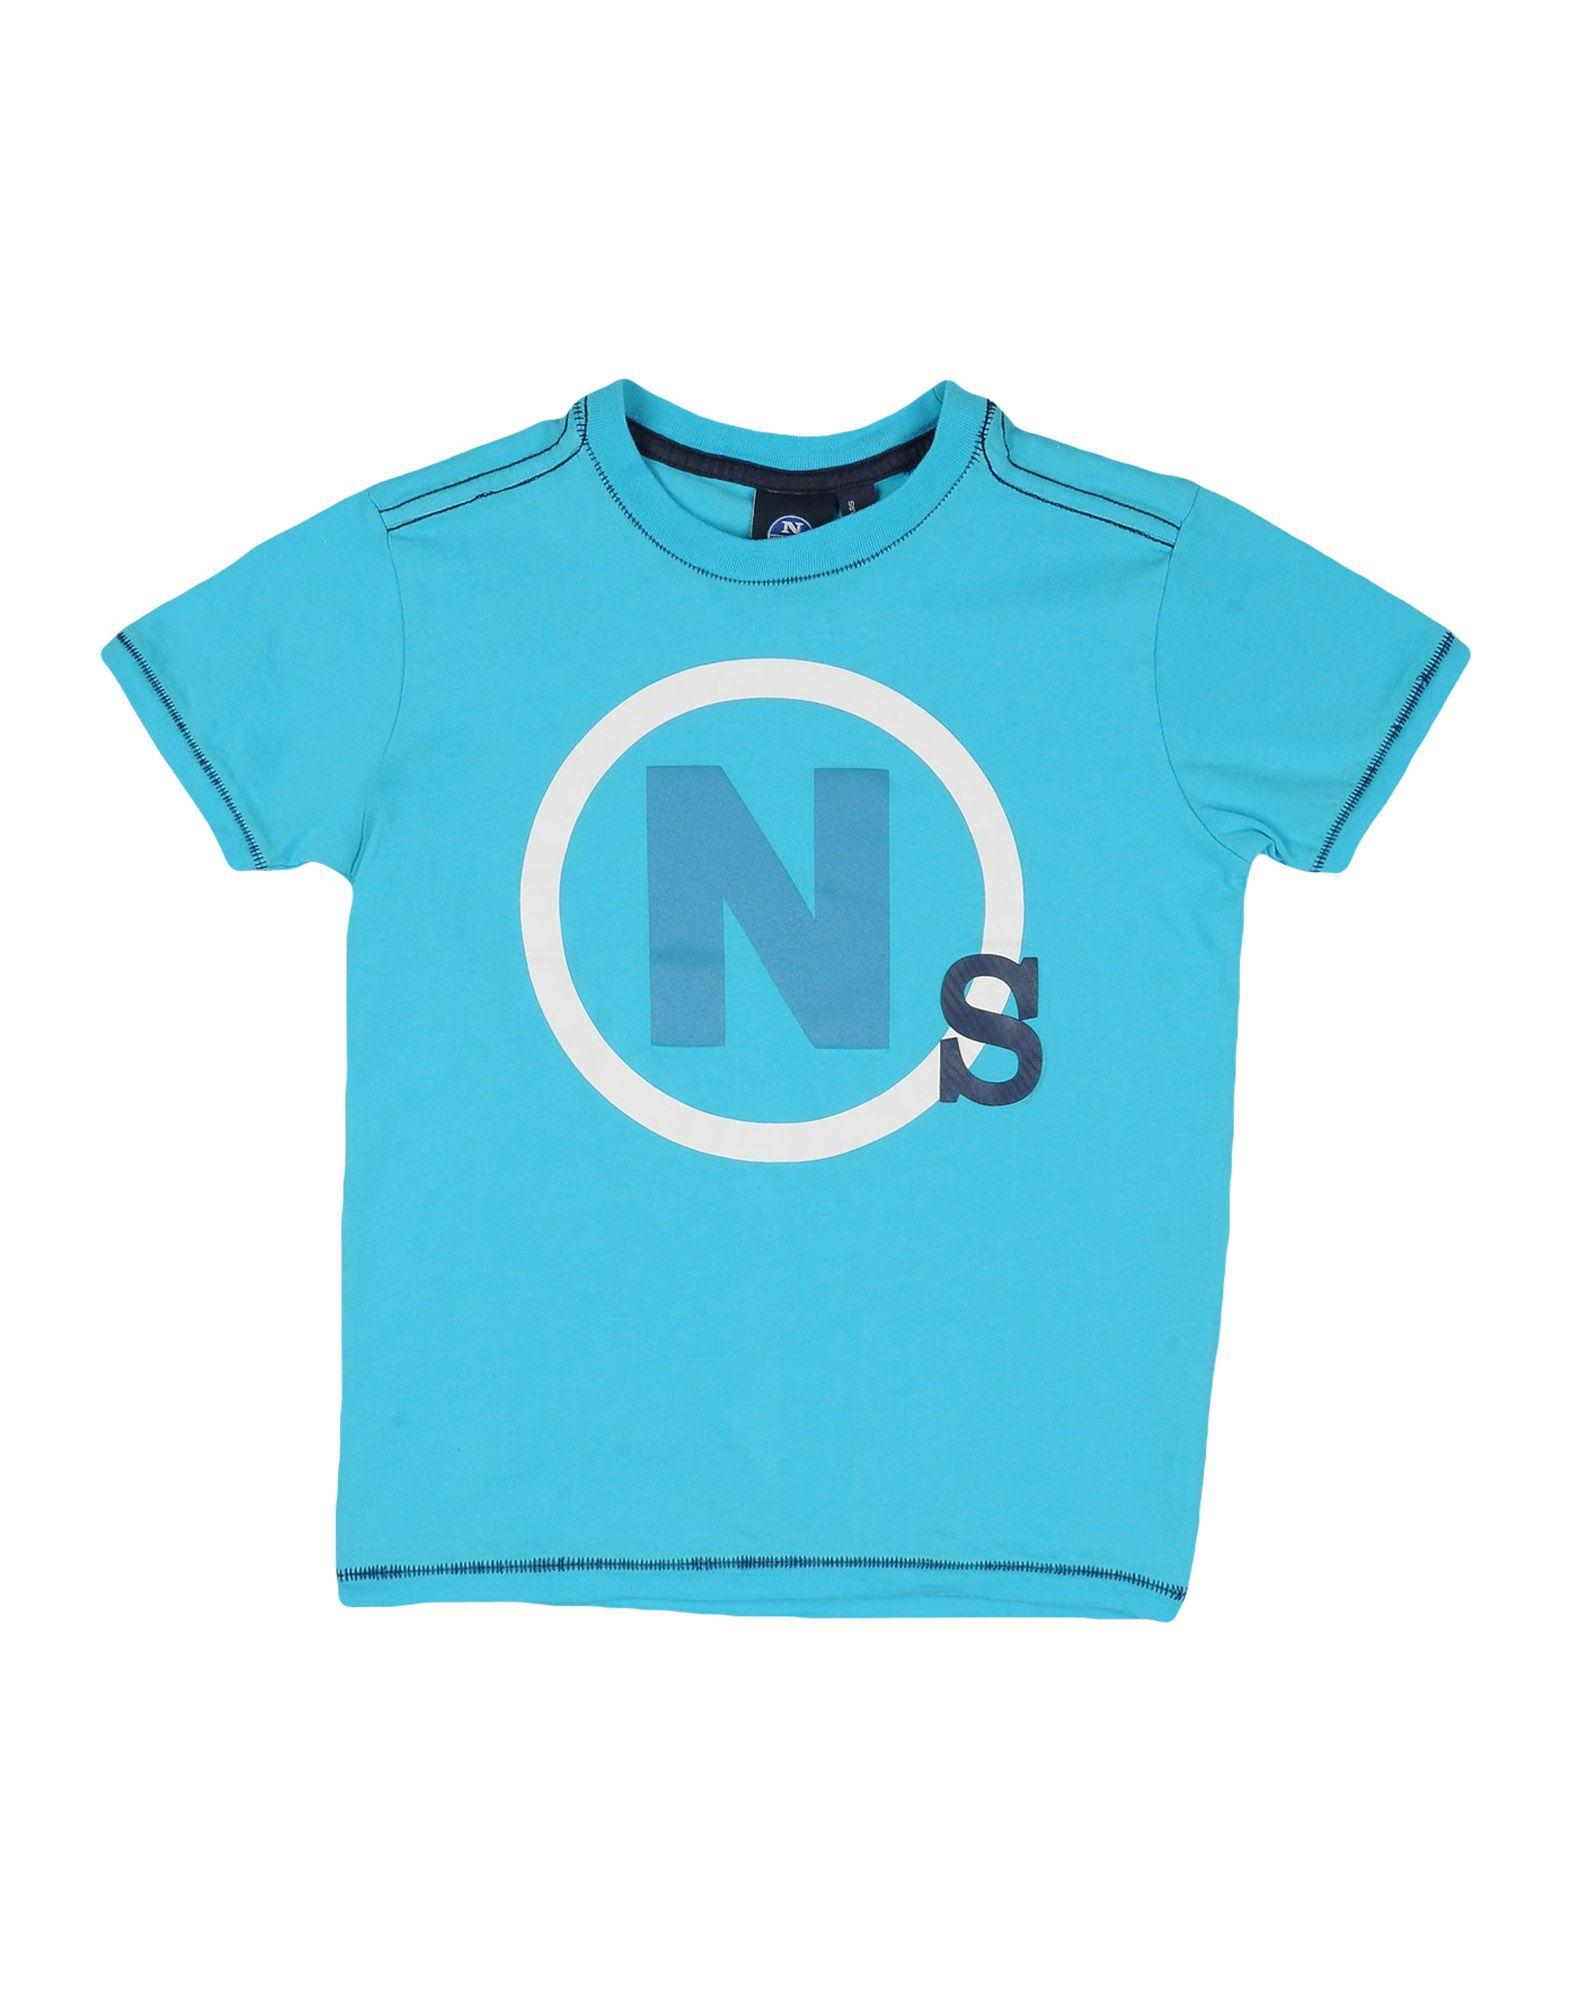 NORTH SAILS Jungen 3-8 jahre T-shirts Farbe Tūrkis Größe 4